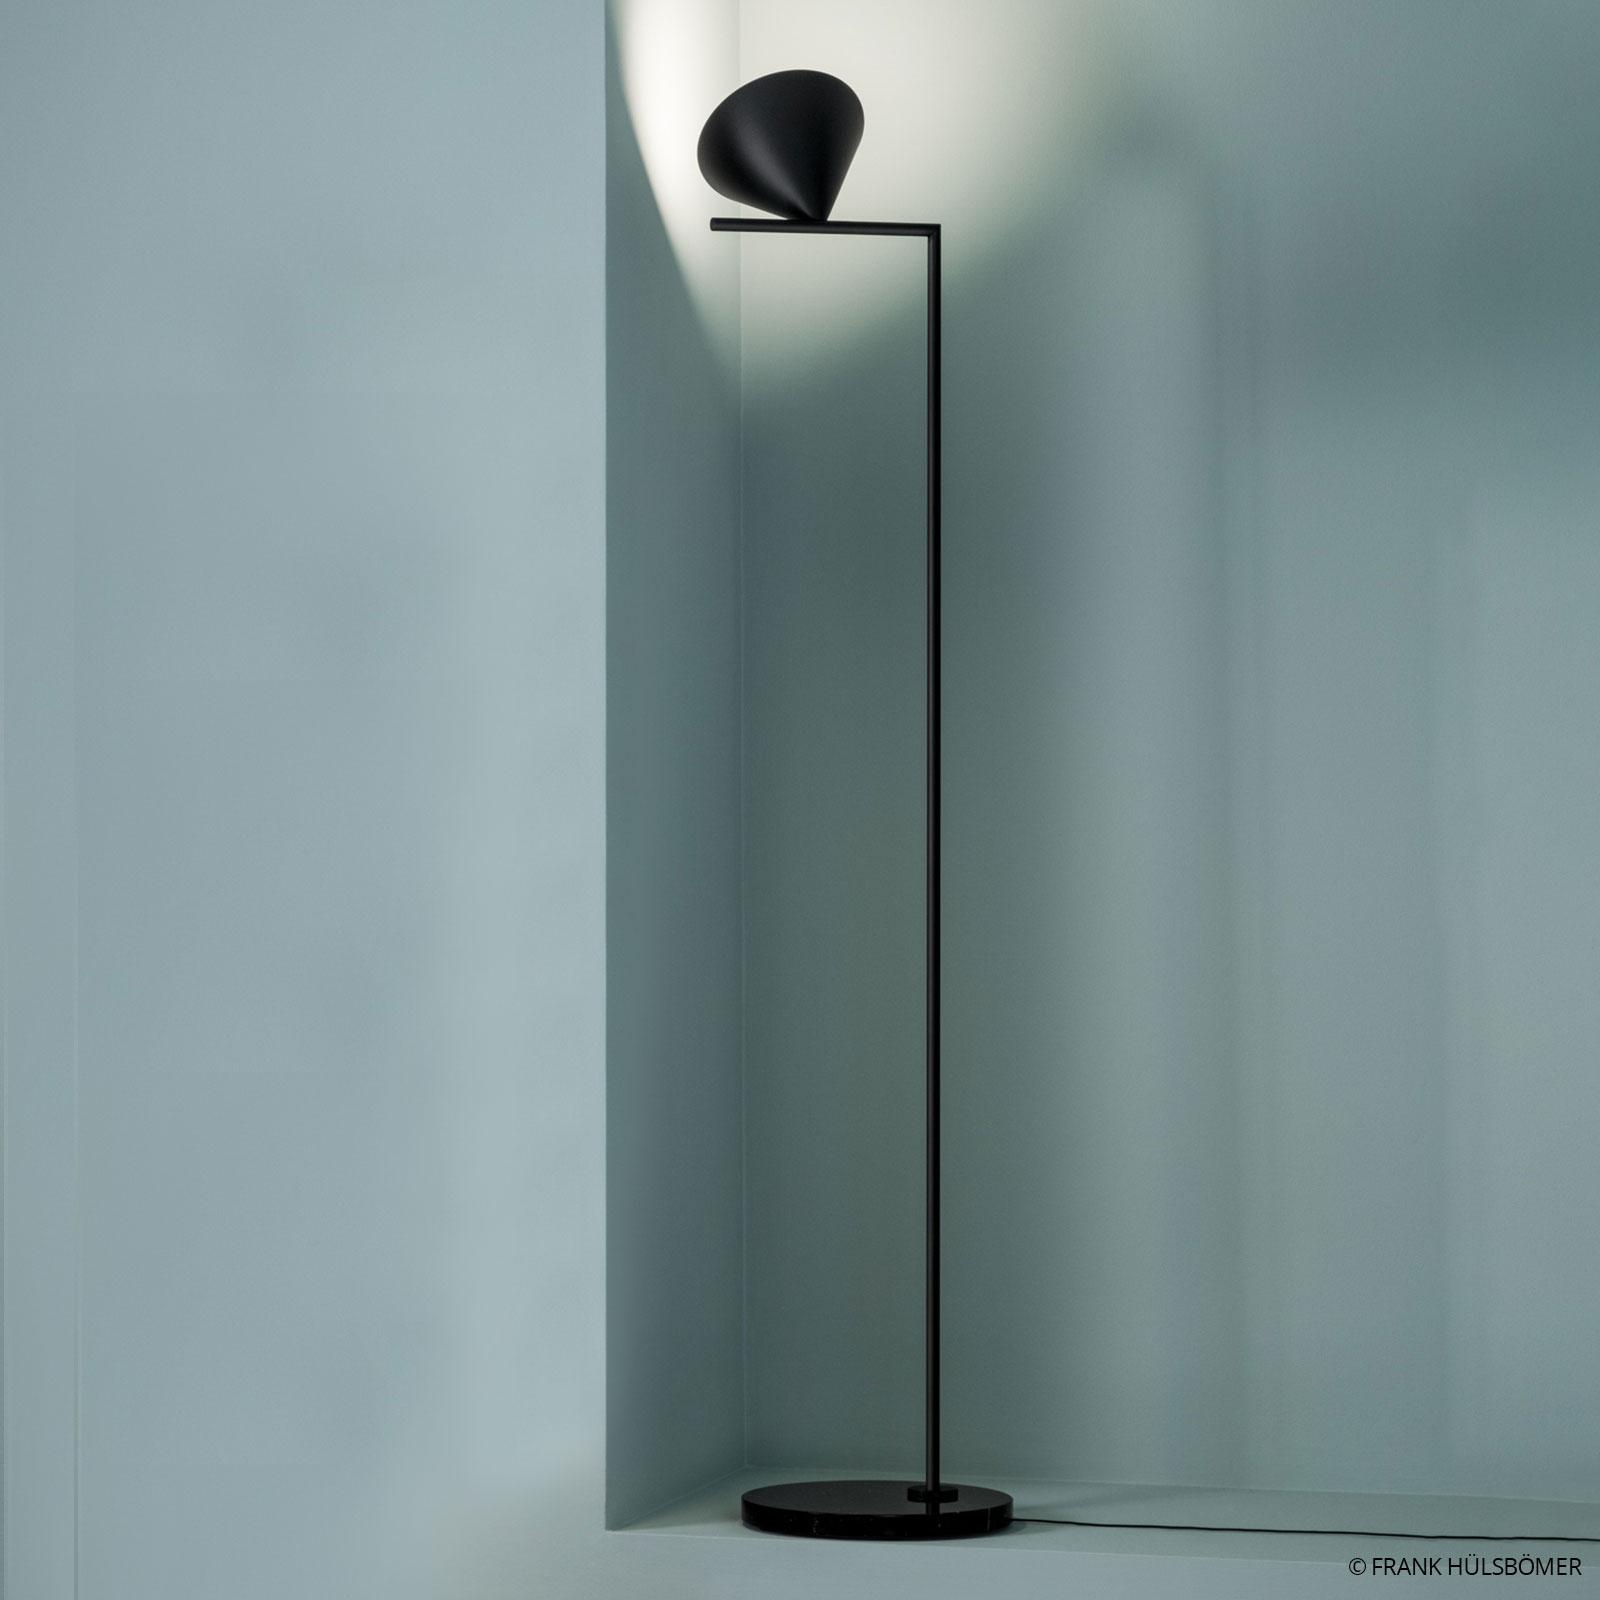 Sort designer standerlampe Captain Flint